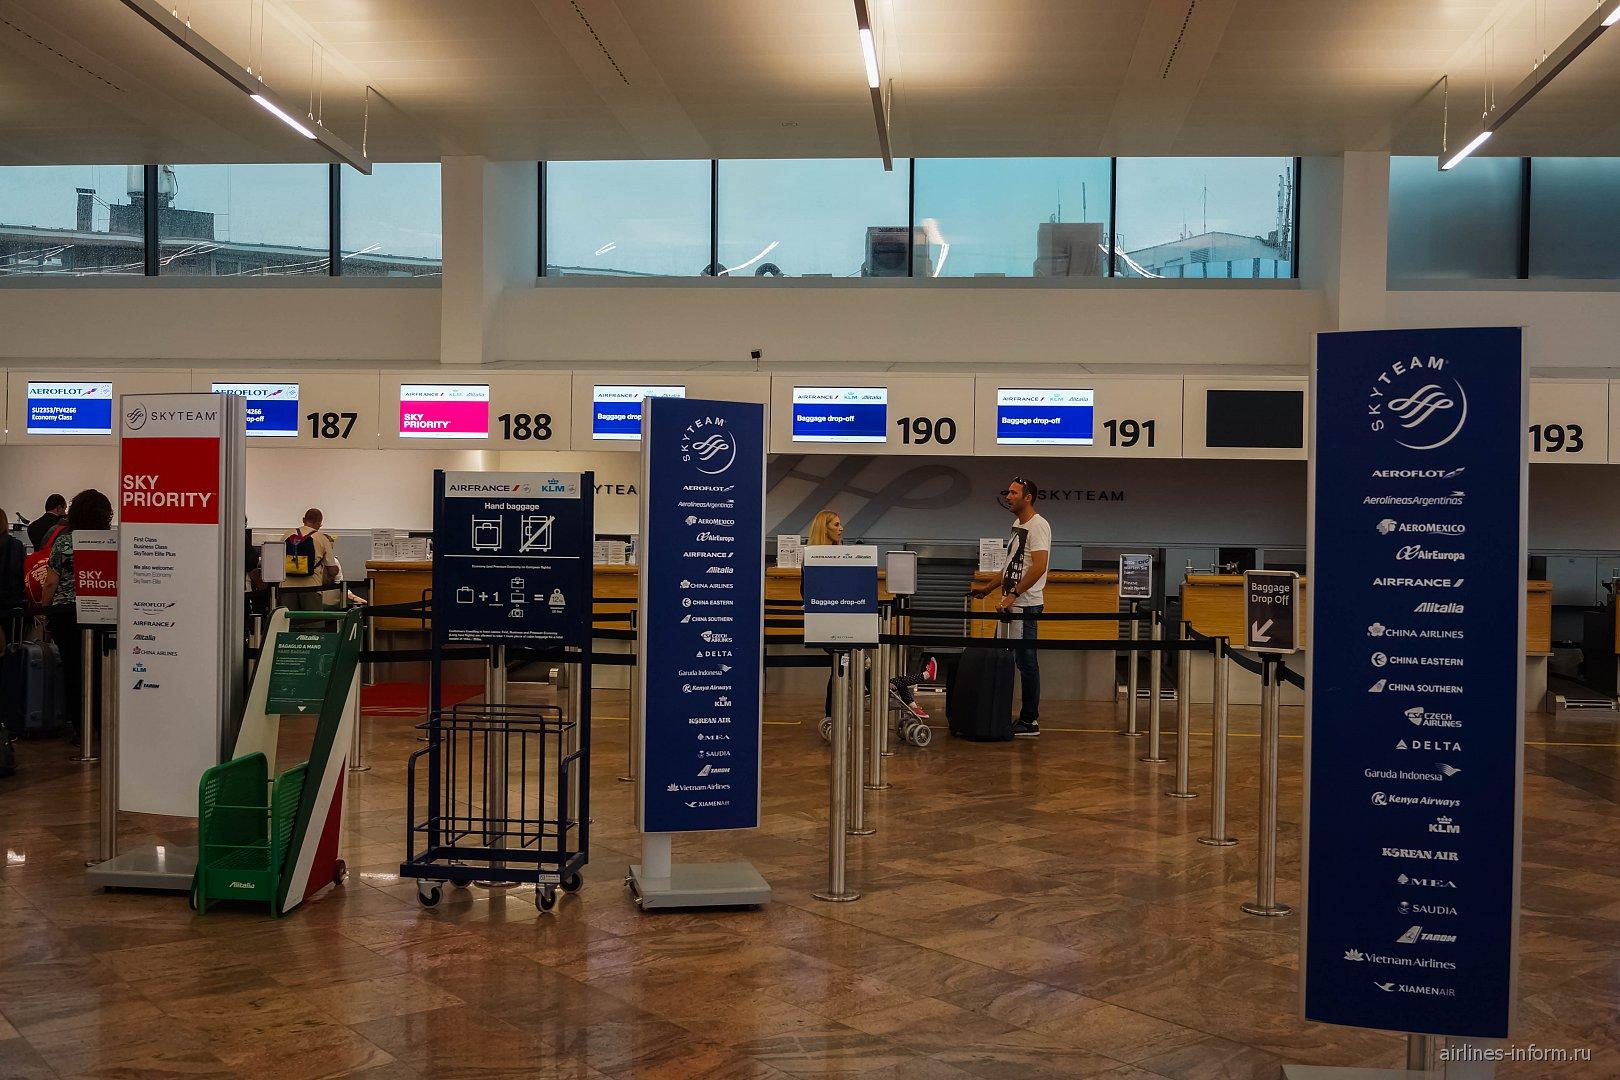 Стойки регистрации на рейсы альянса Skyteam в терминале 1 аэропорта Вена Швехат